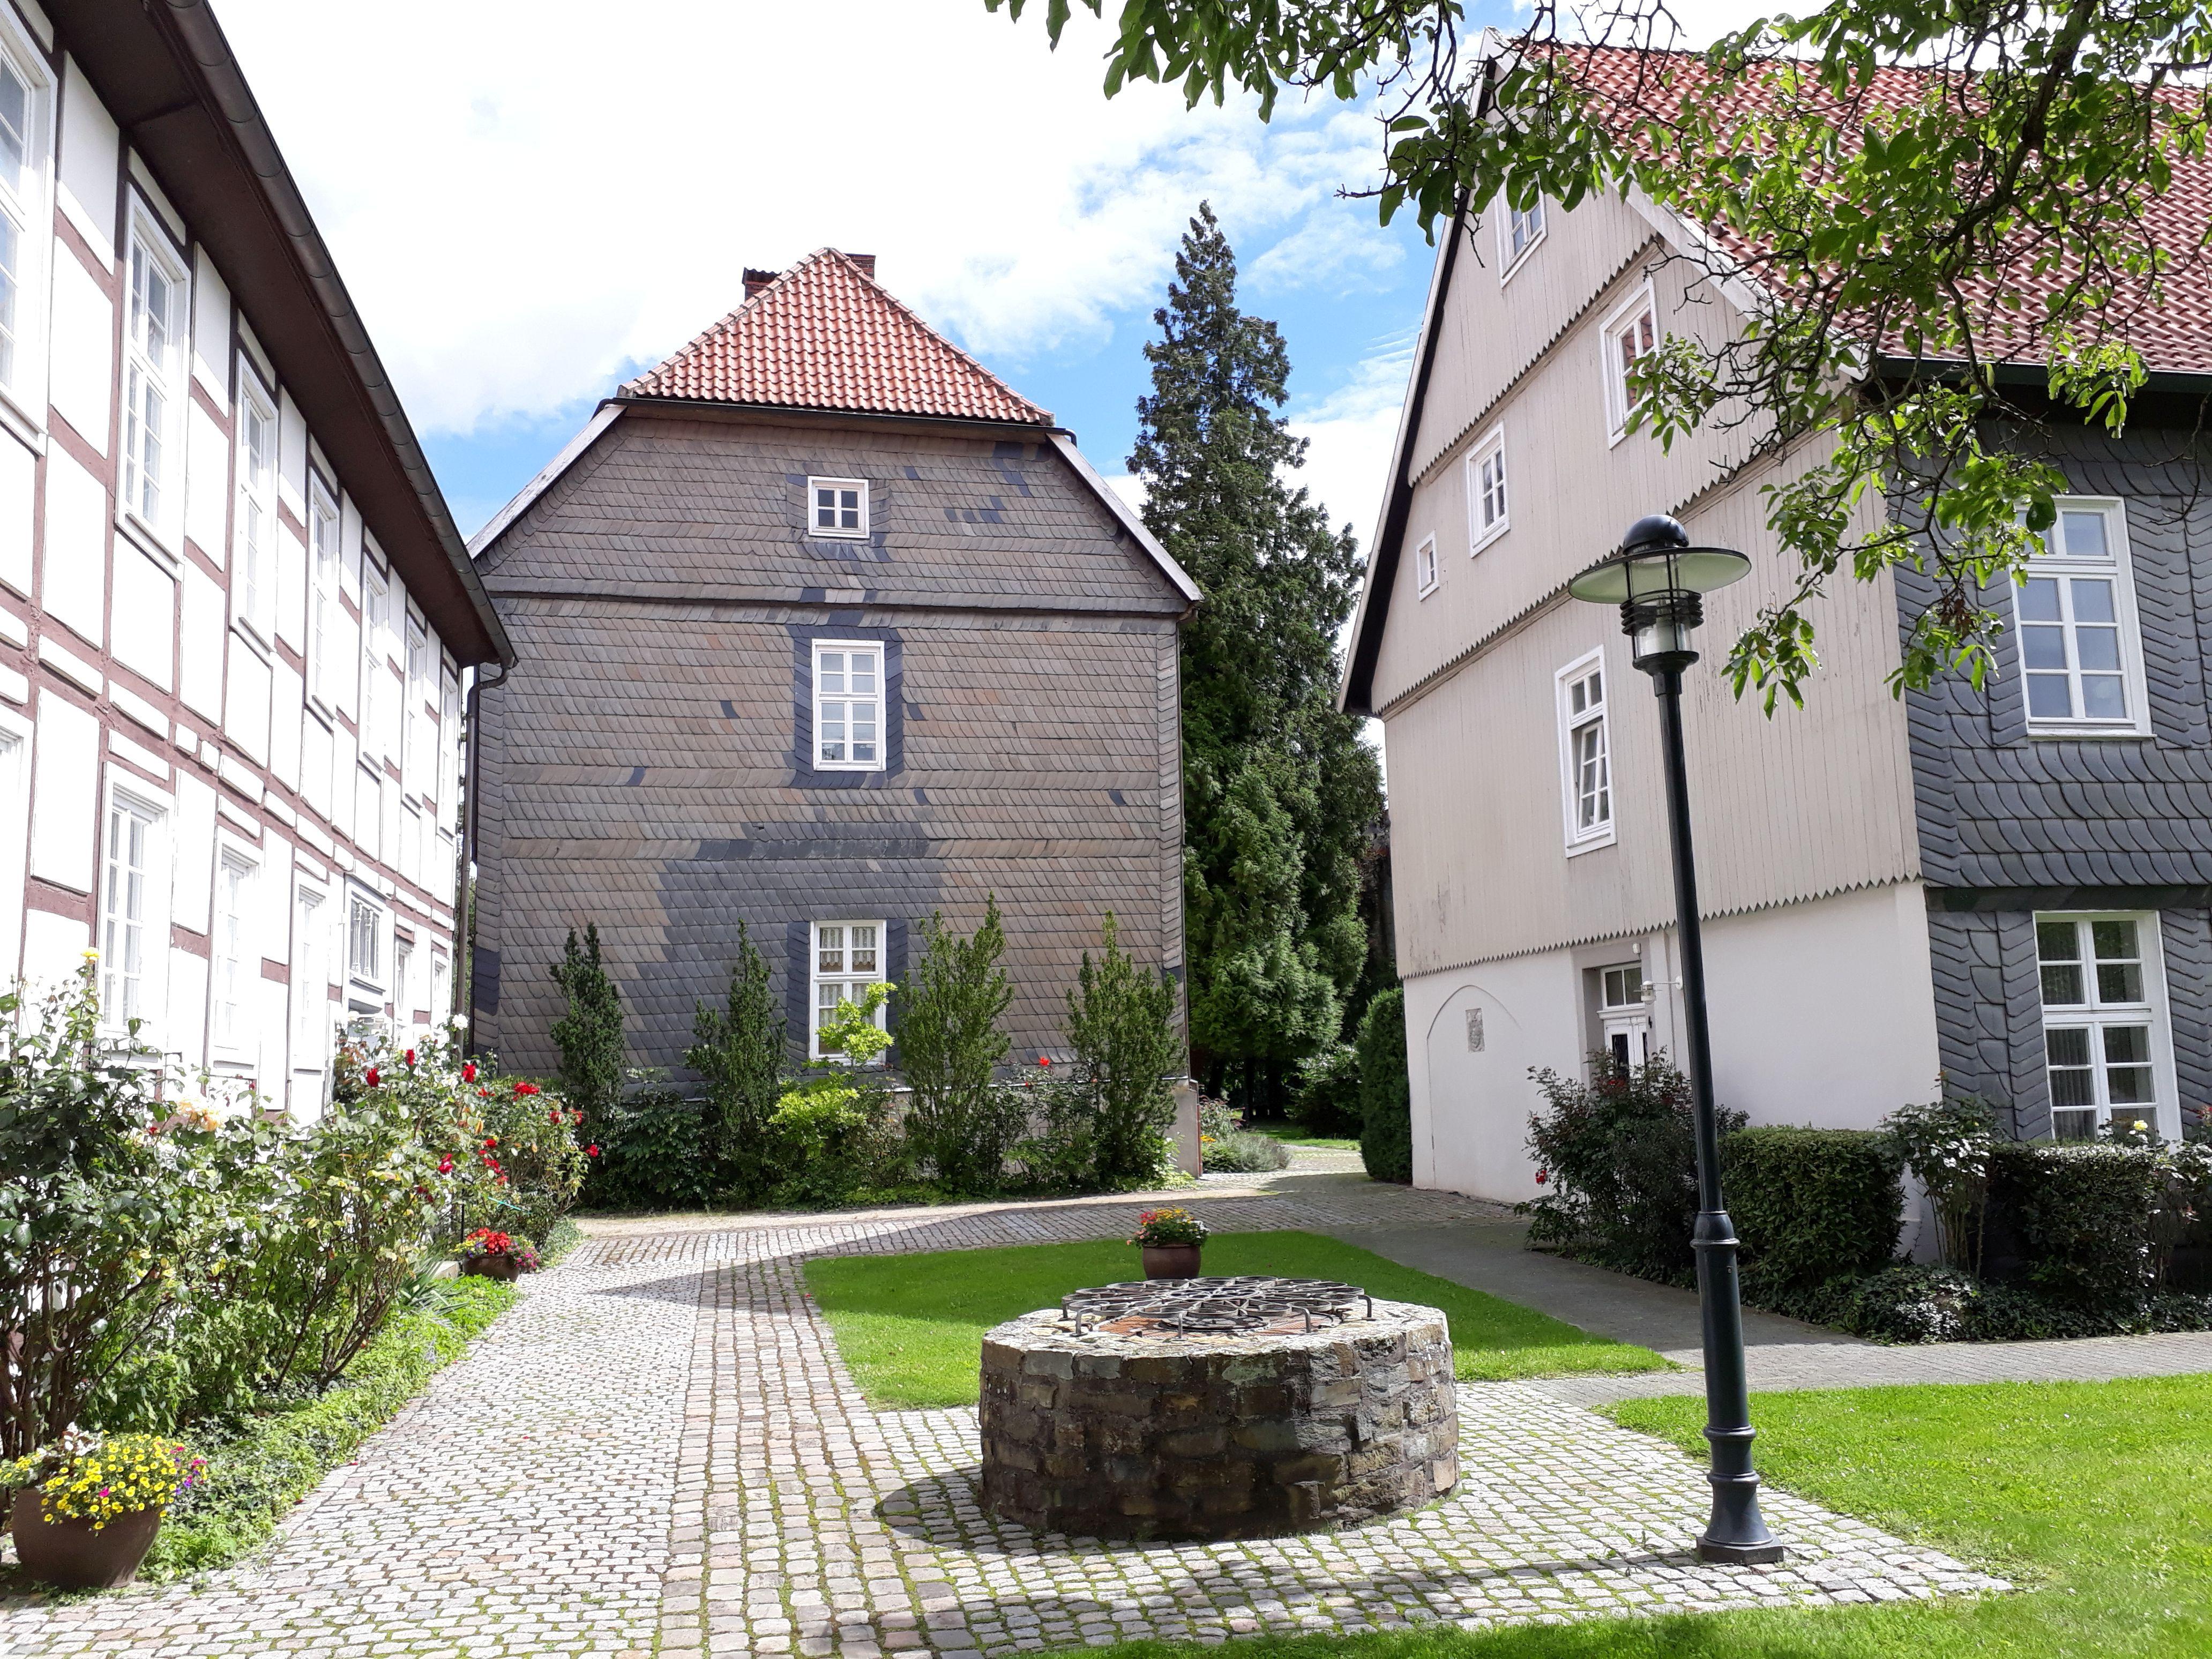 Lippstadt an der stiftsruine 1.jpg